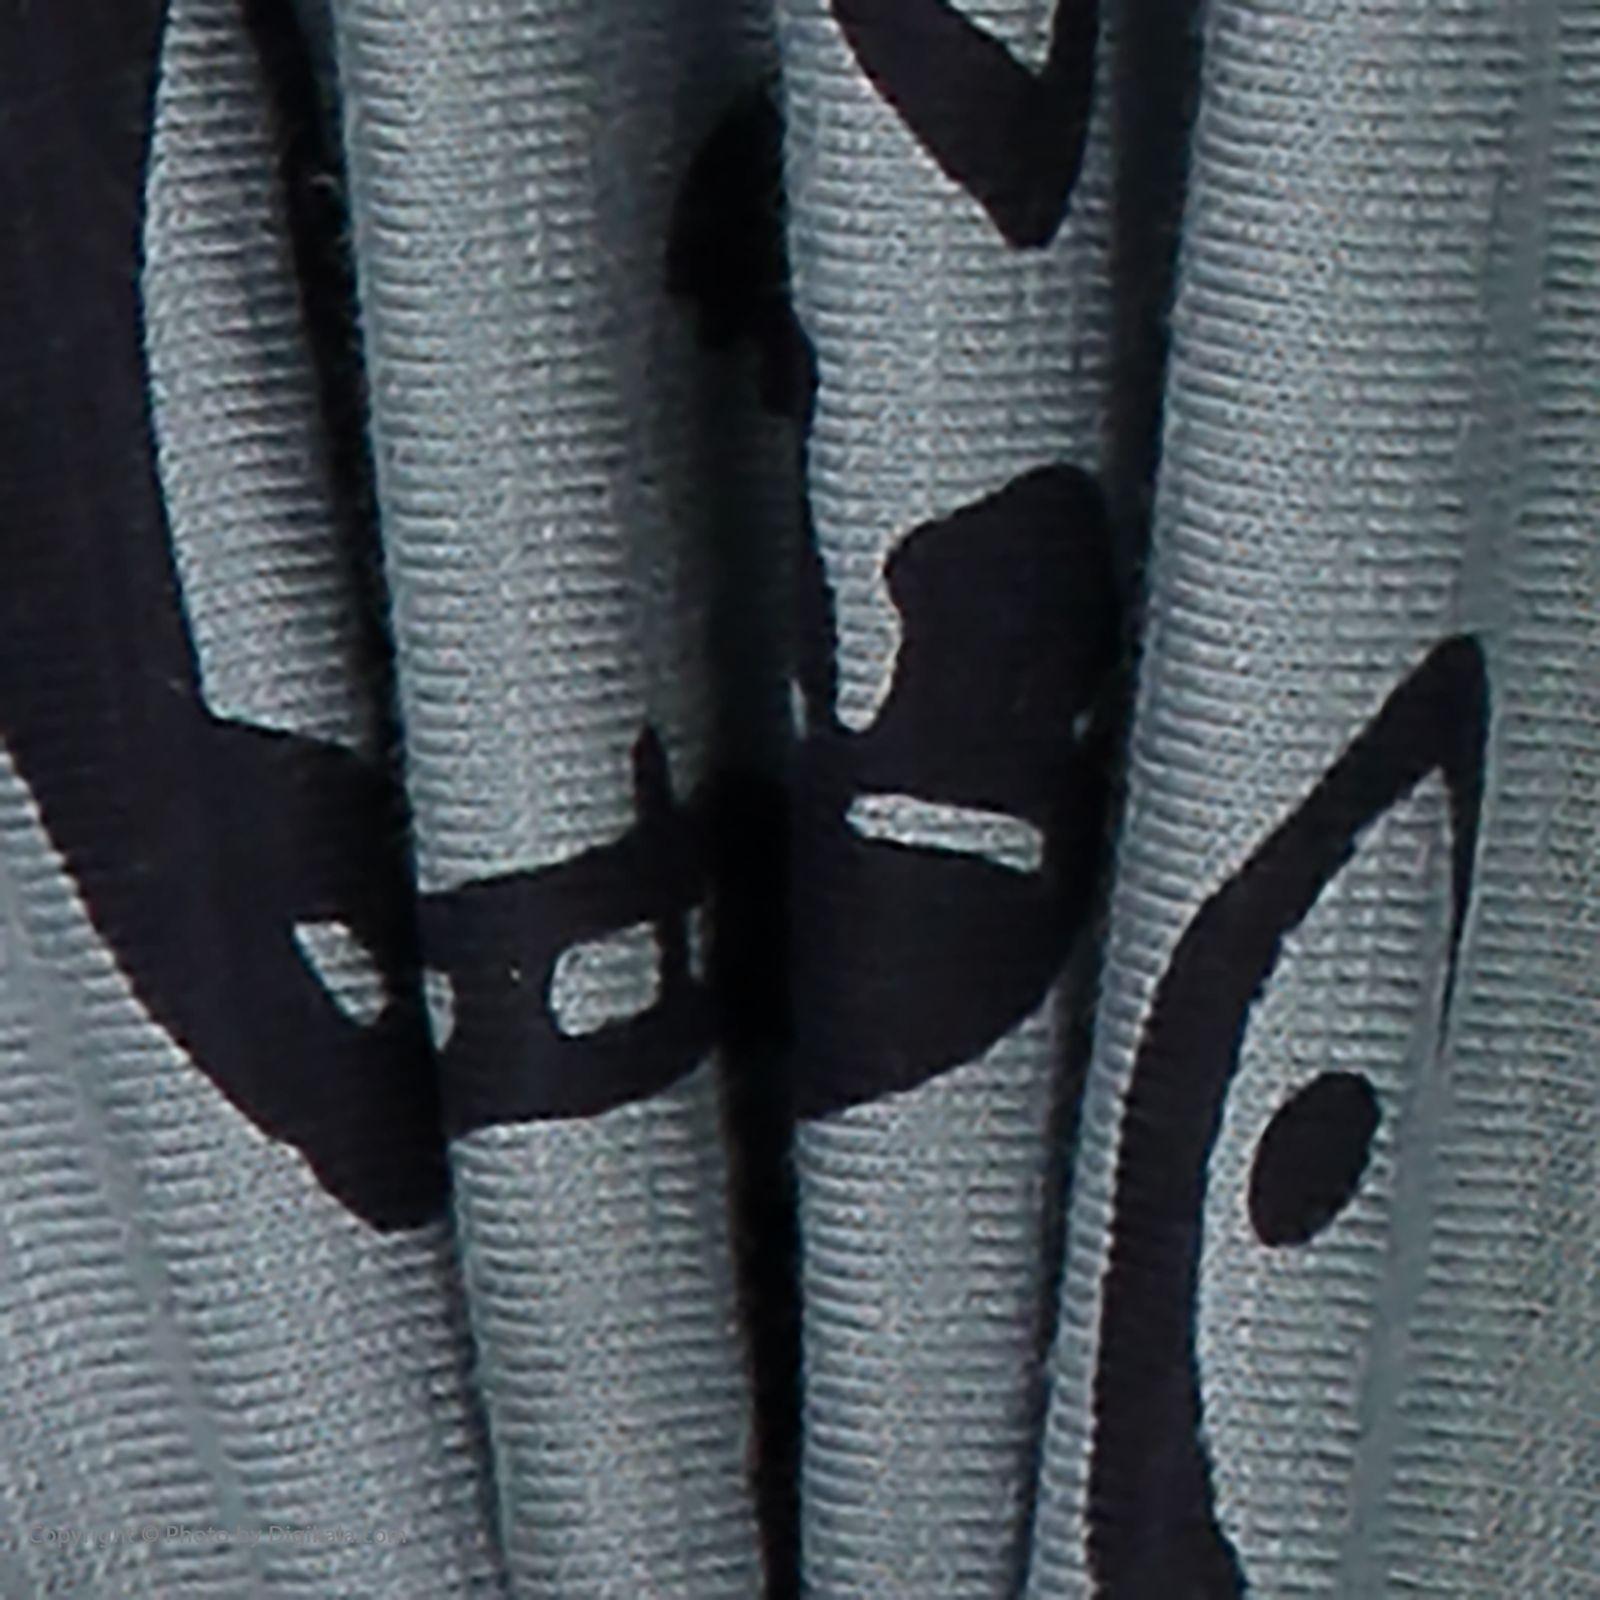 ست تی شرت و شلوار دخترانه رابو مدل 2051122-11 -  - 8